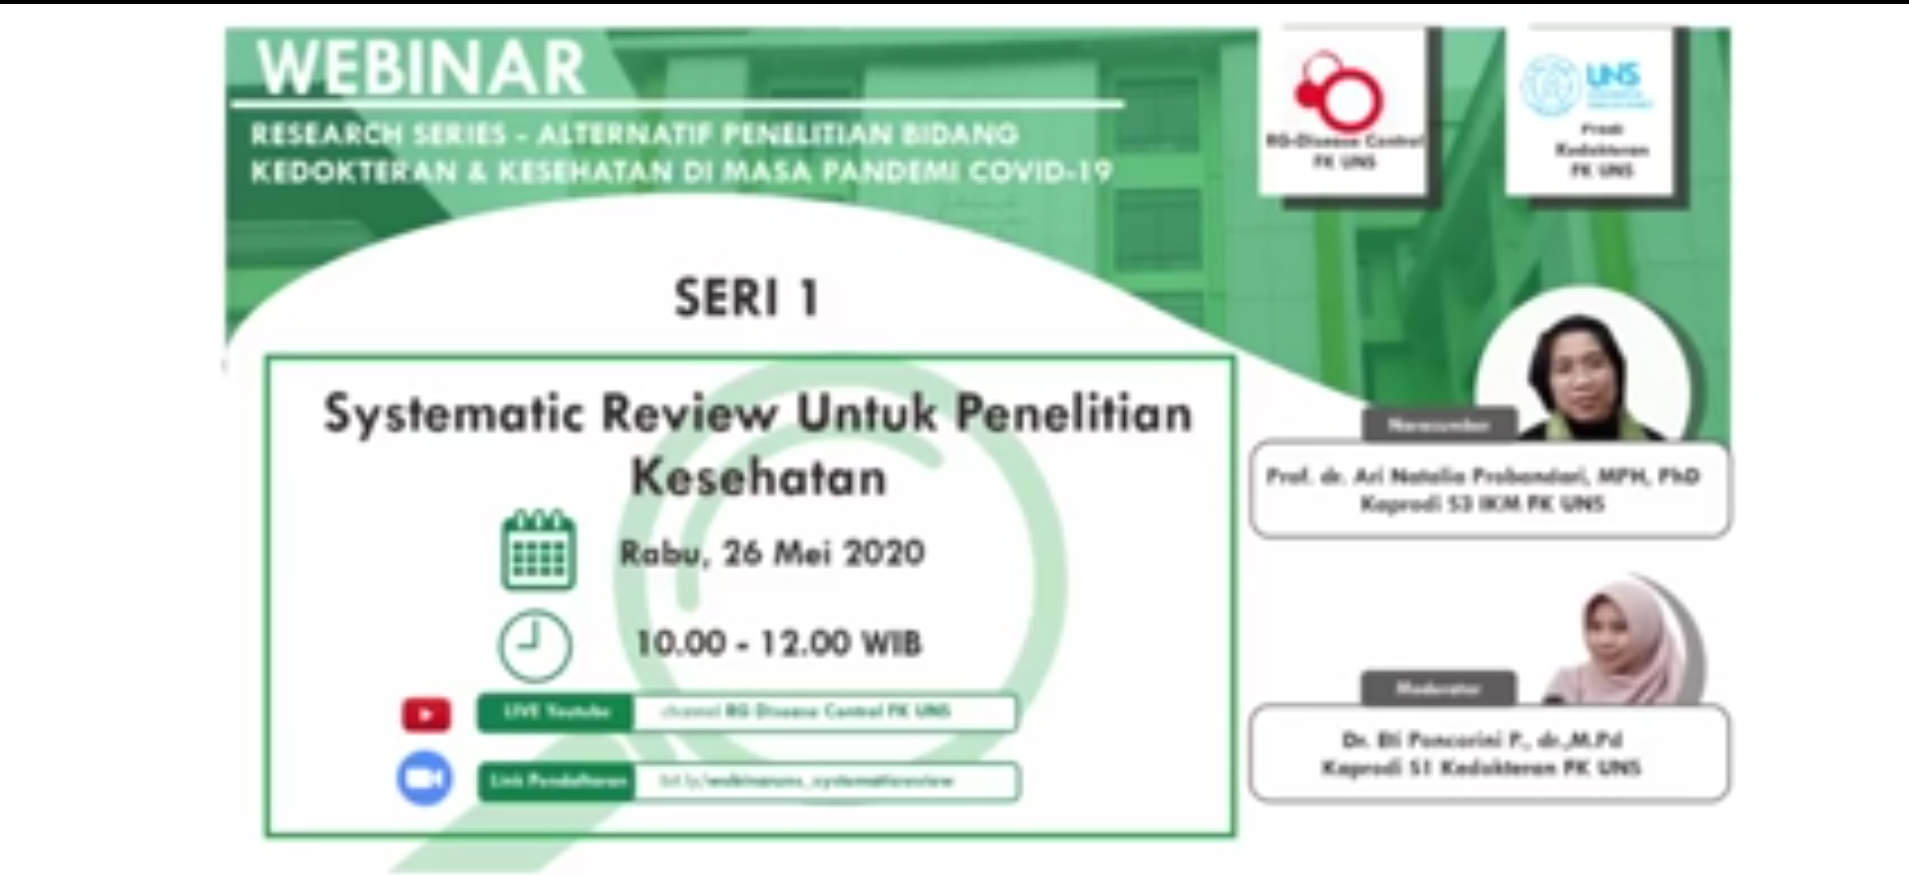 Webinar Prodi Kedokteran FK UNS-RG Disease Control FK UNS Systematic Review Untuk Penelitian Kesehatan